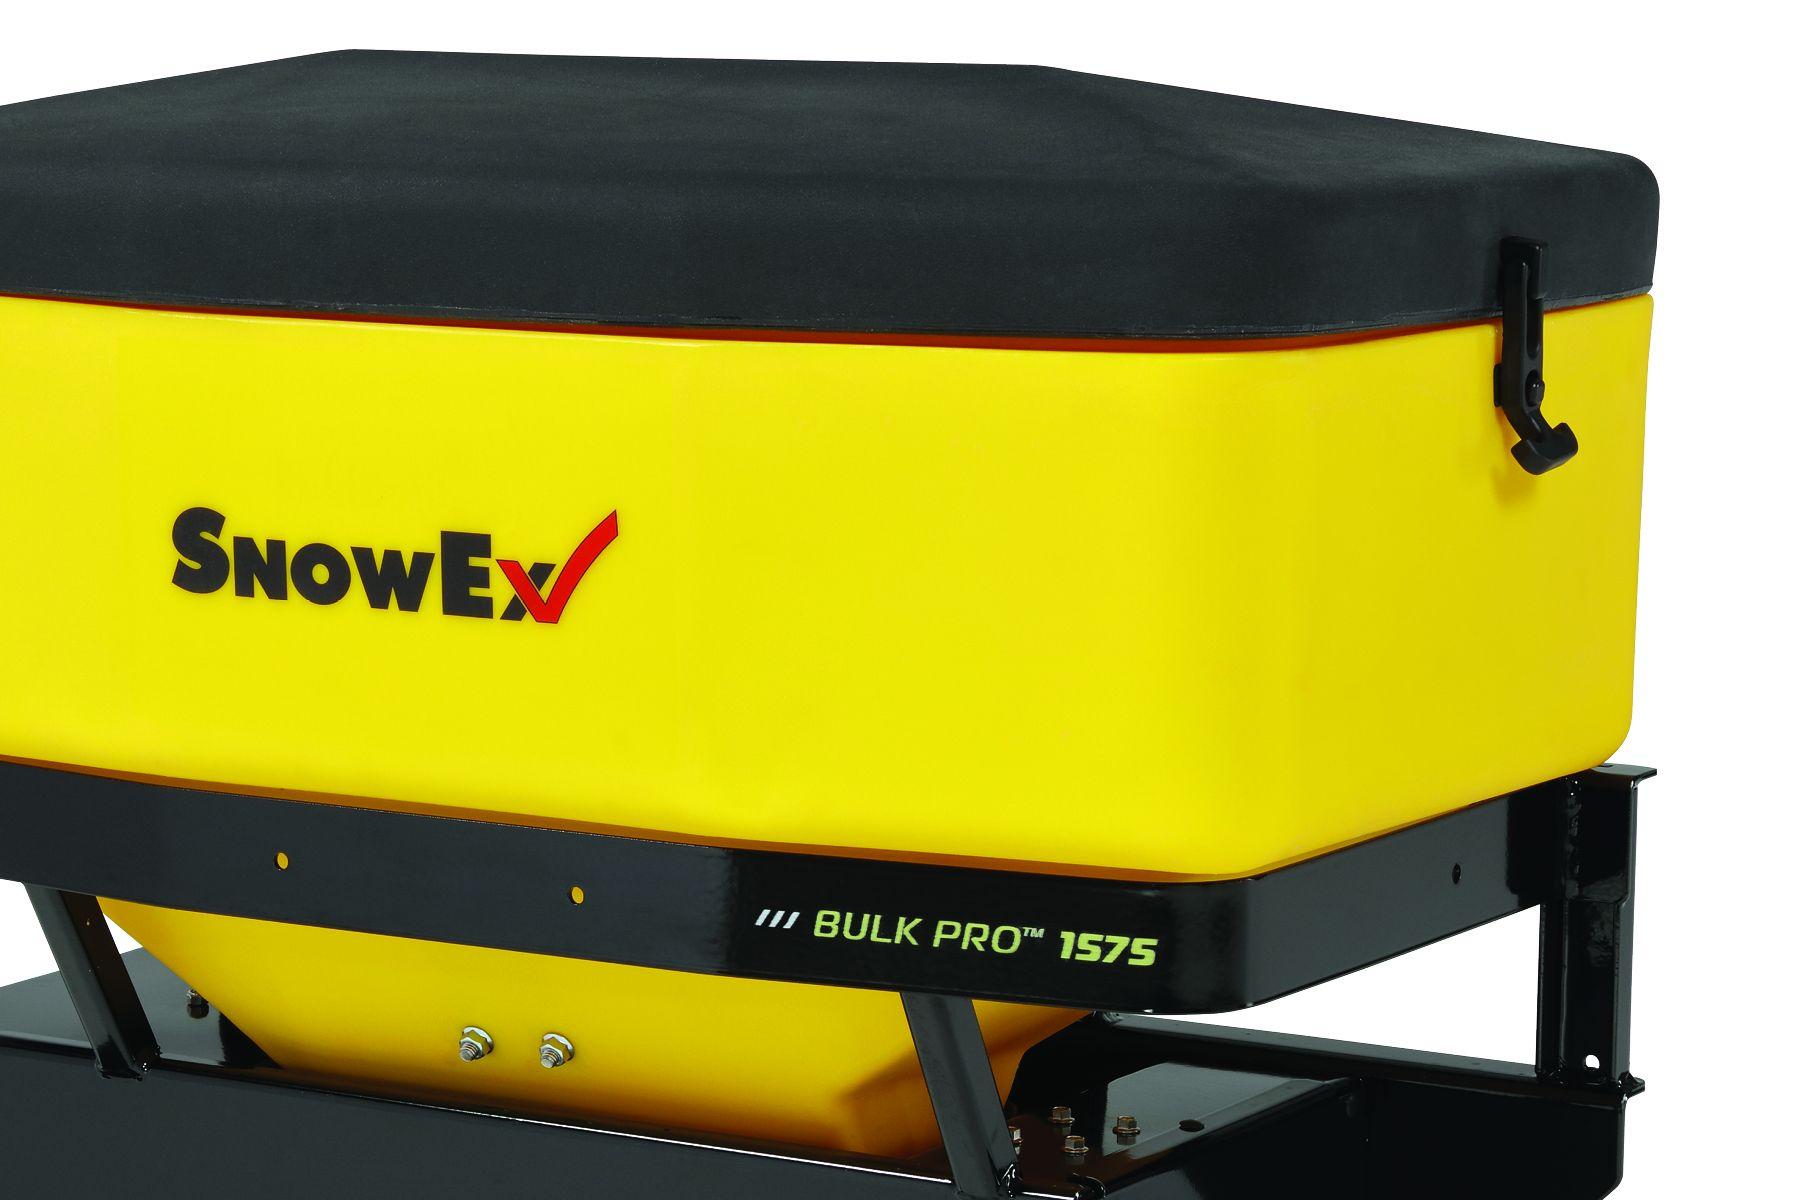 SnoEx SP-1575 Bulk-Pro tailgate spreader